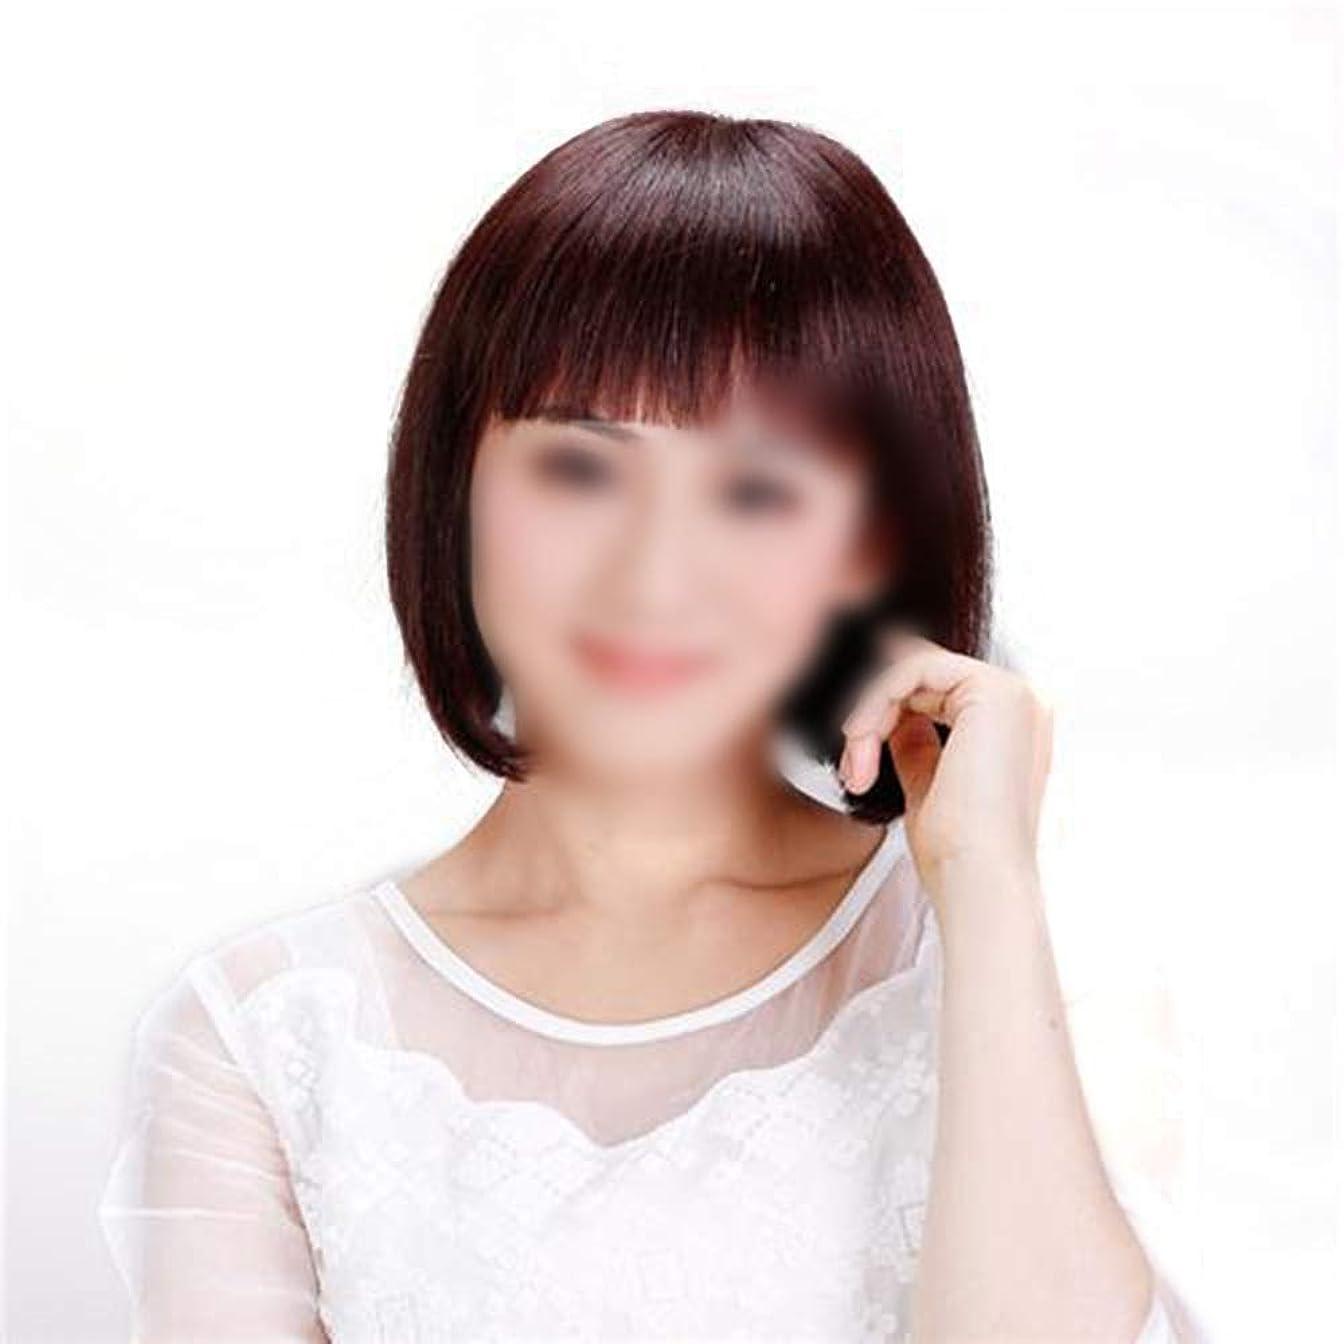 製造業エゴマニアテープBOBIDYEE 前髪のかつらと甘いボブショートストレートヘアリアルヘアリアルウィッグファッションウィッグ (色 : Natural black)